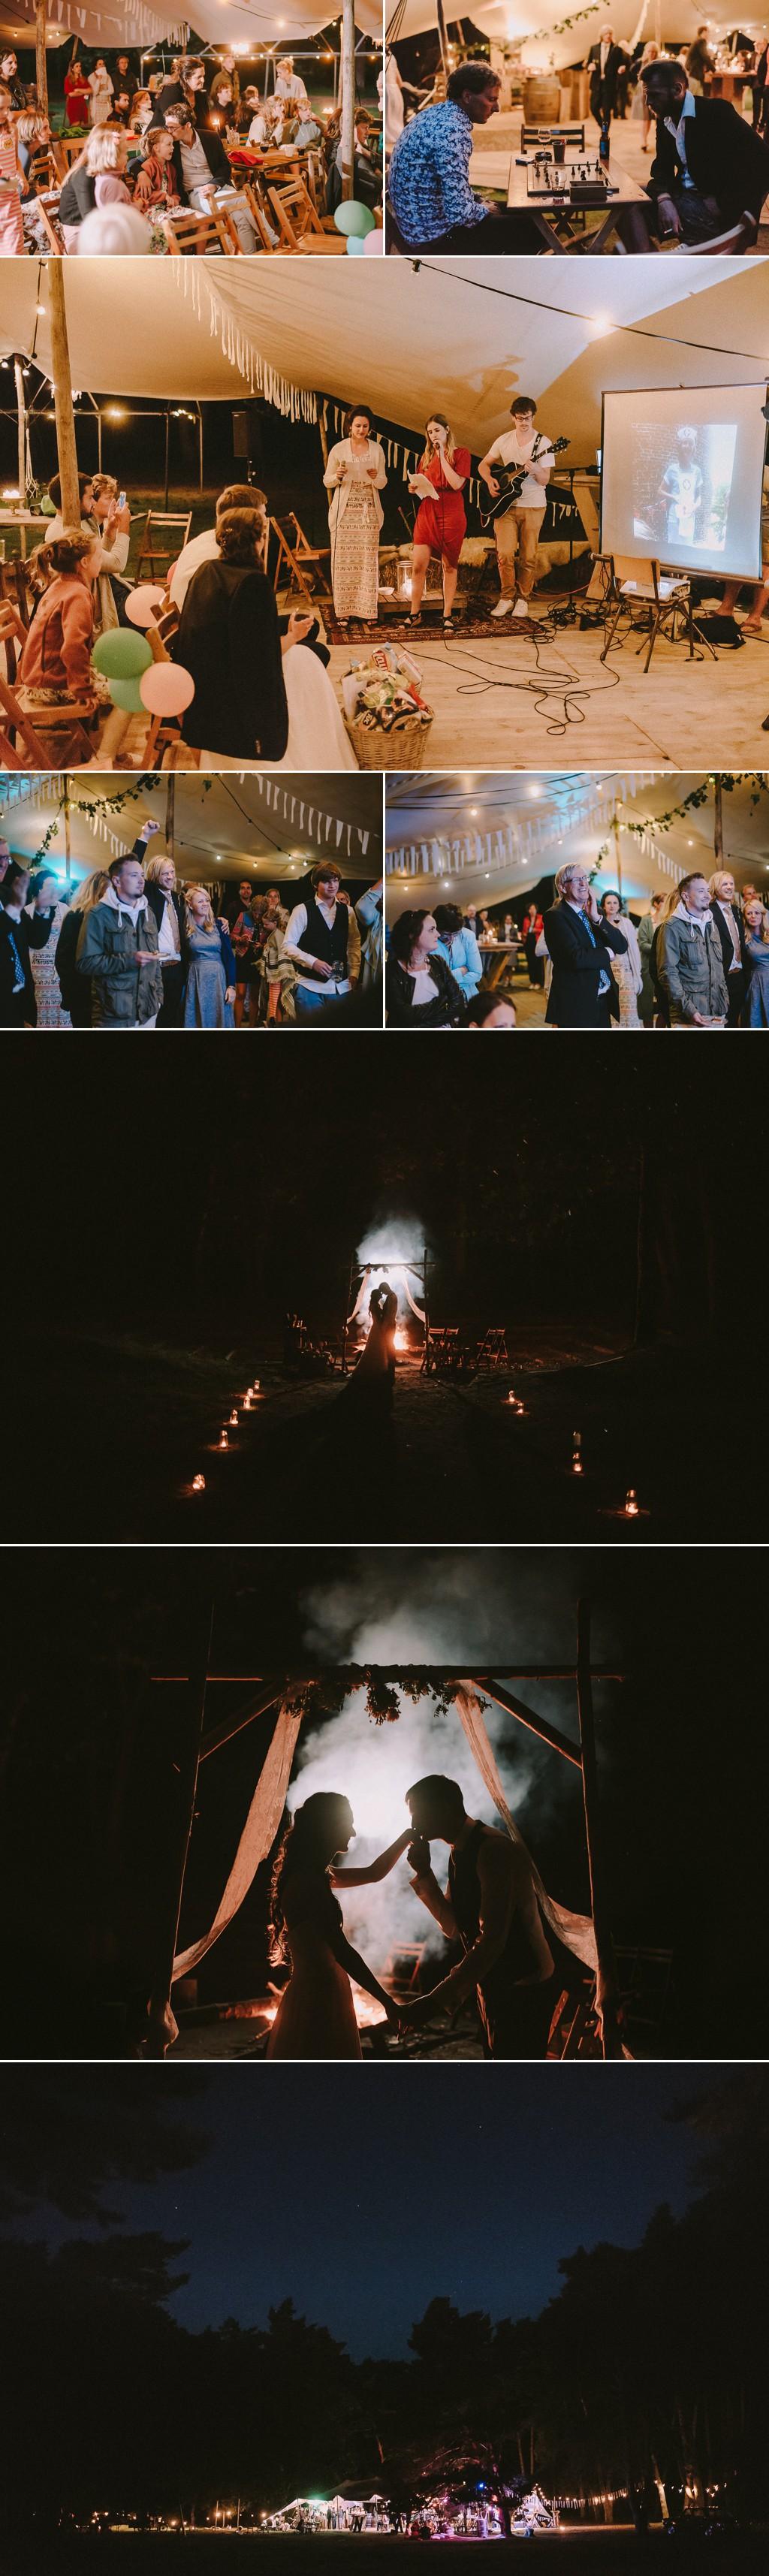 fotografie-steef-utama-te-leuk-trouwen-nunspeet-rotterdam-trouwen-in-het-bos-12